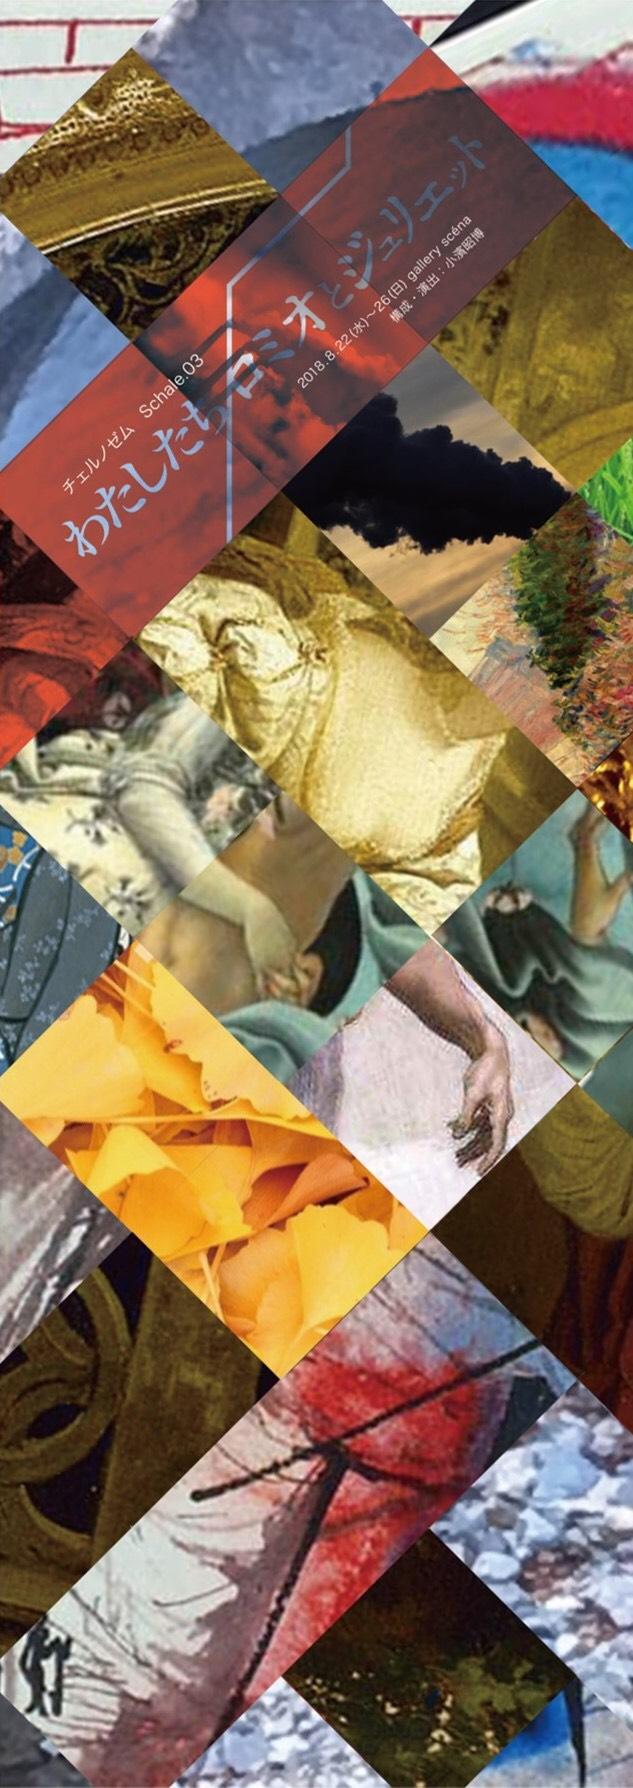 チェルノゼム 演劇公演 Schale.03「カルチベート・プロジェクト『わたしたち/ロミオとジュリエット』」 8/26